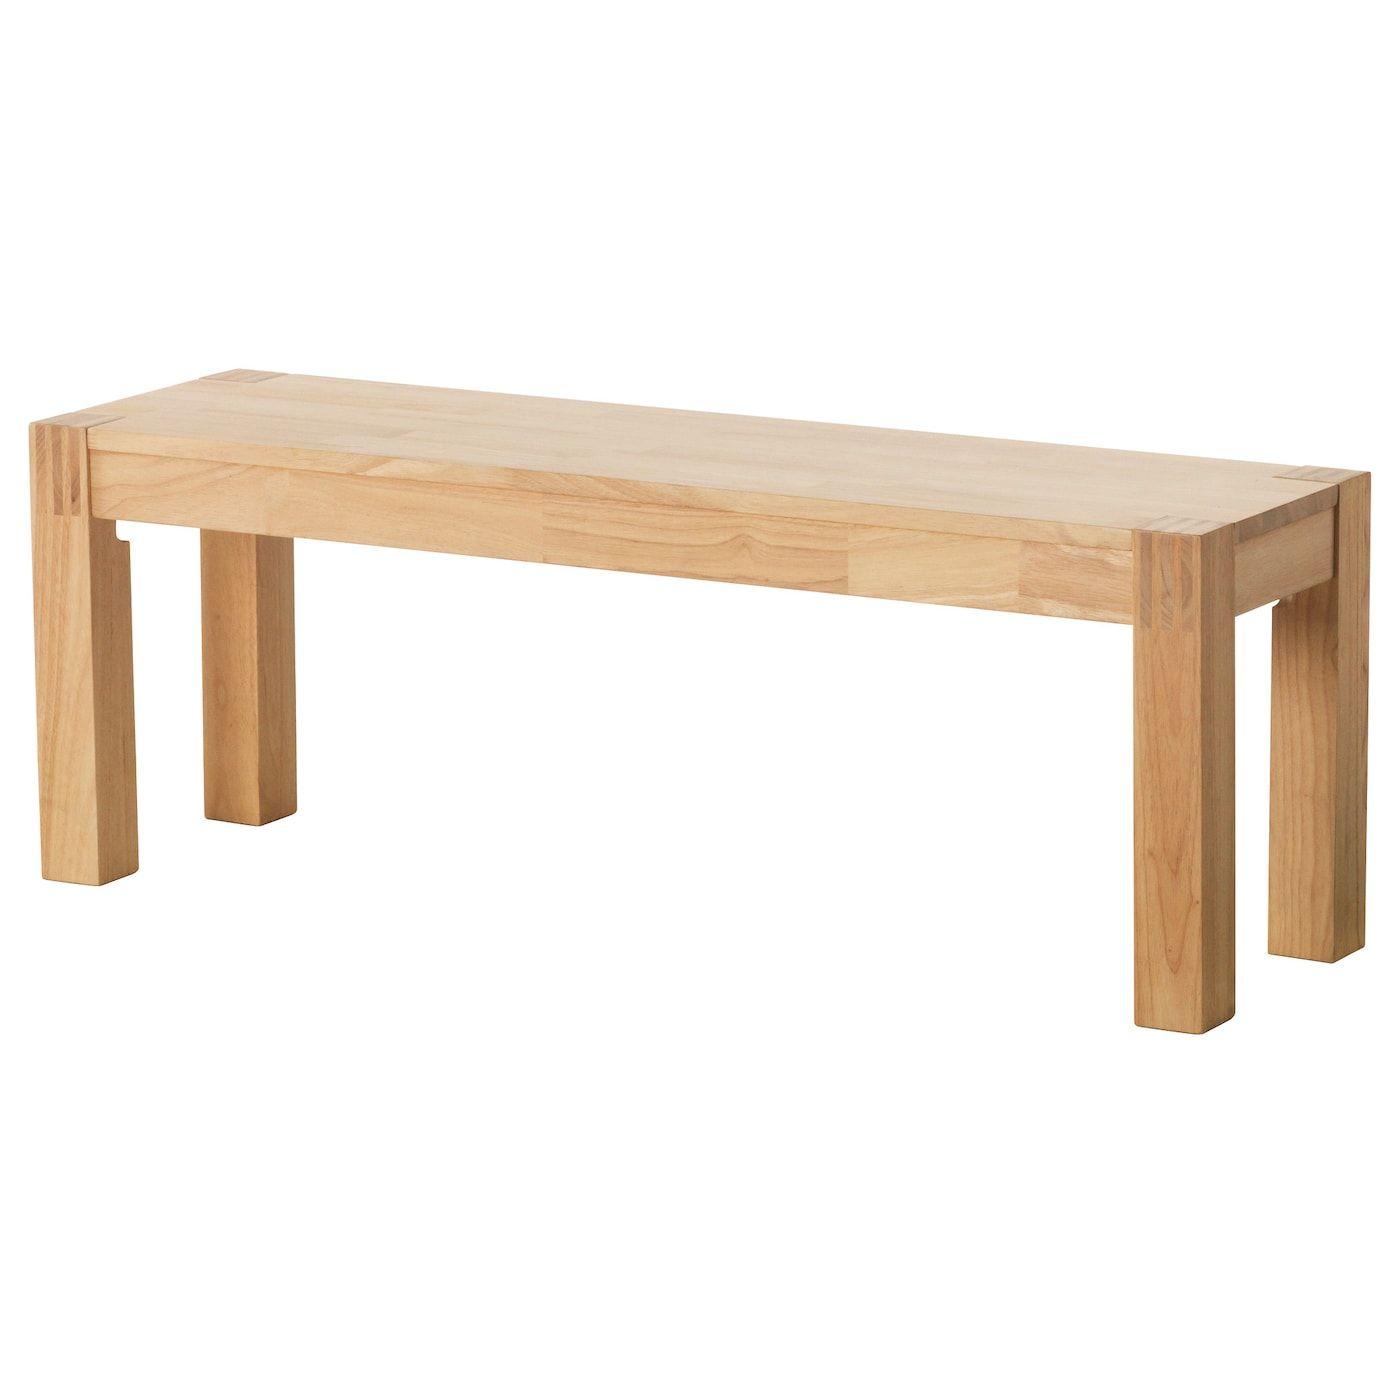 Tisch und Bank v. Ikea (Nordby)